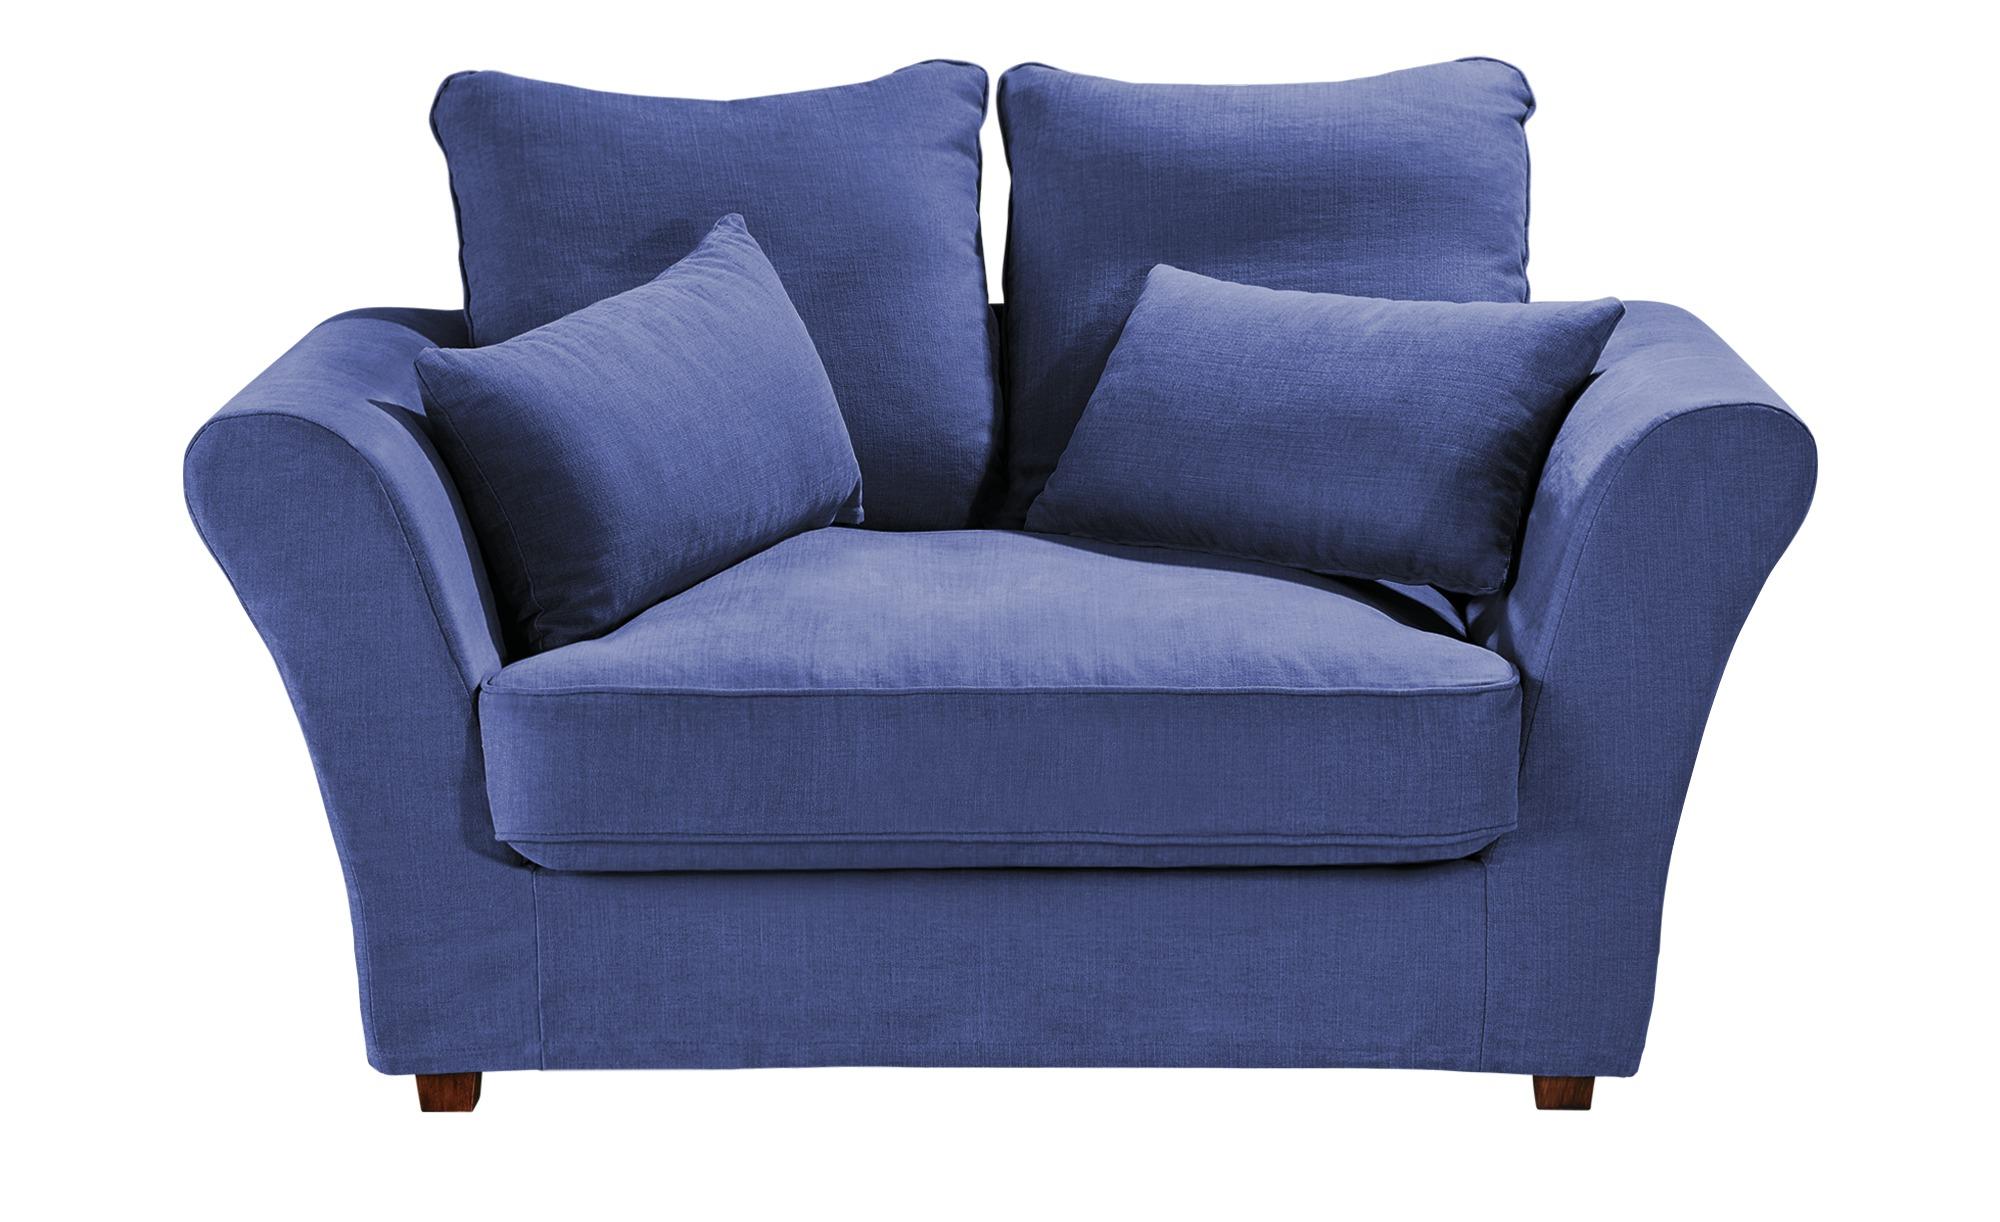 maison bleue adelade breite 172 cm h he 95 cm blau online kaufen bei woonio. Black Bedroom Furniture Sets. Home Design Ideas